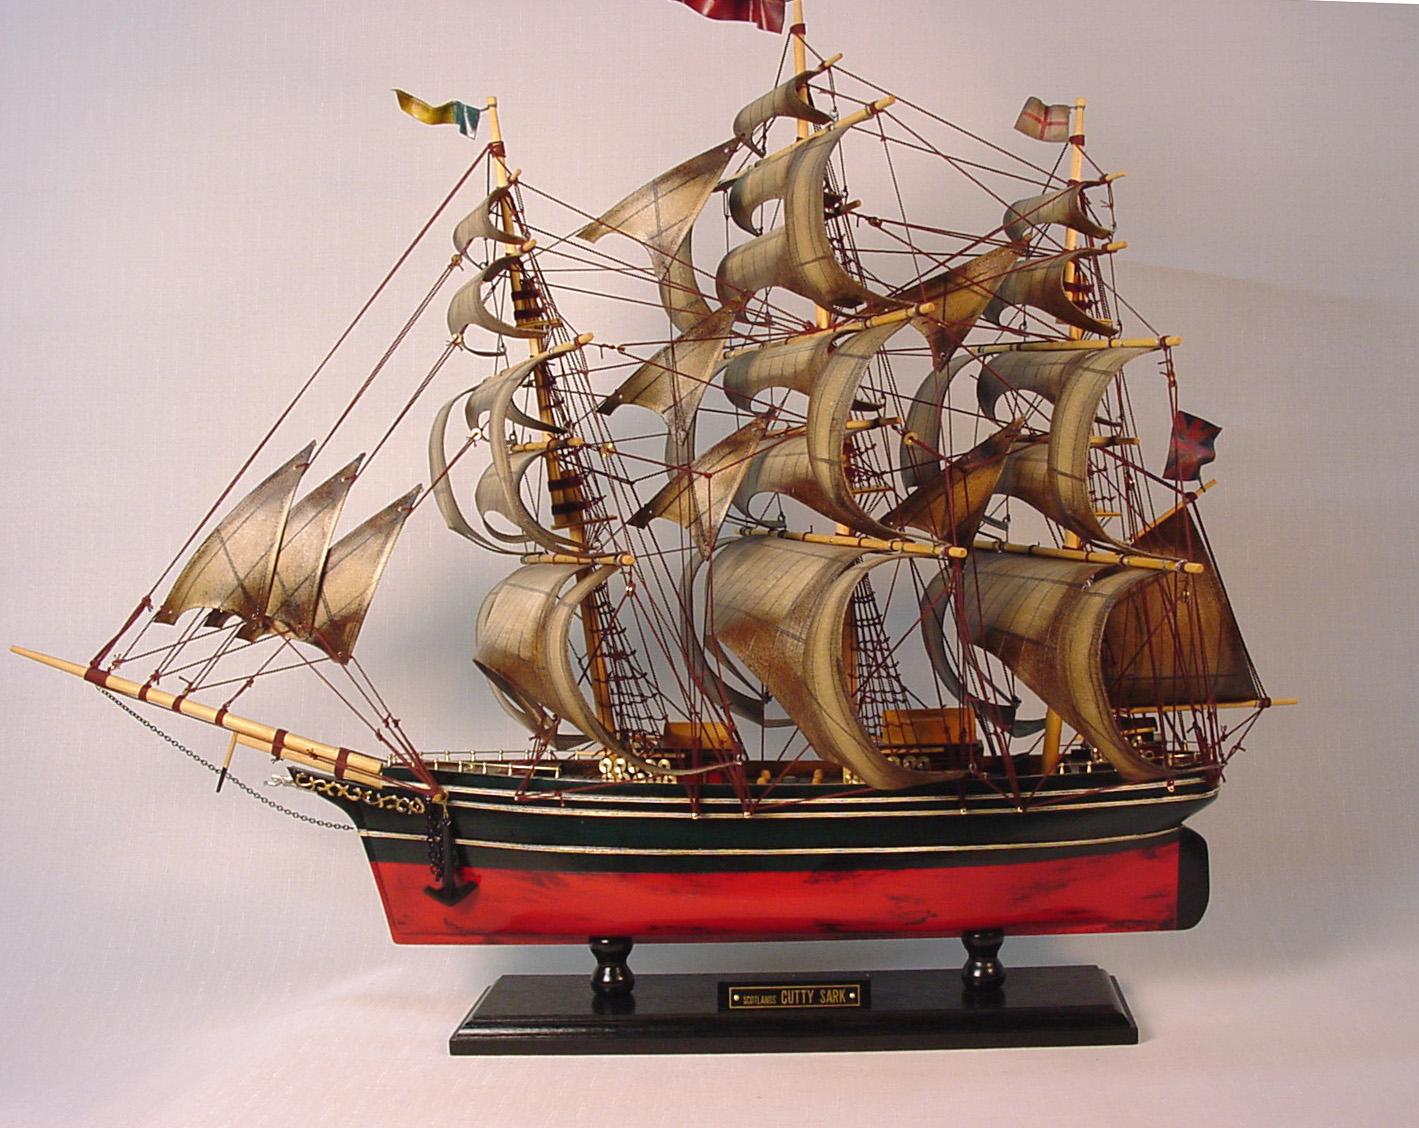 帆船模型 モデルシップ 完成品 No221 カティーサーク 新築祝 開業祝 お祝い 門出【楽ギフ_のし】【楽ギフ_メッセ入力】